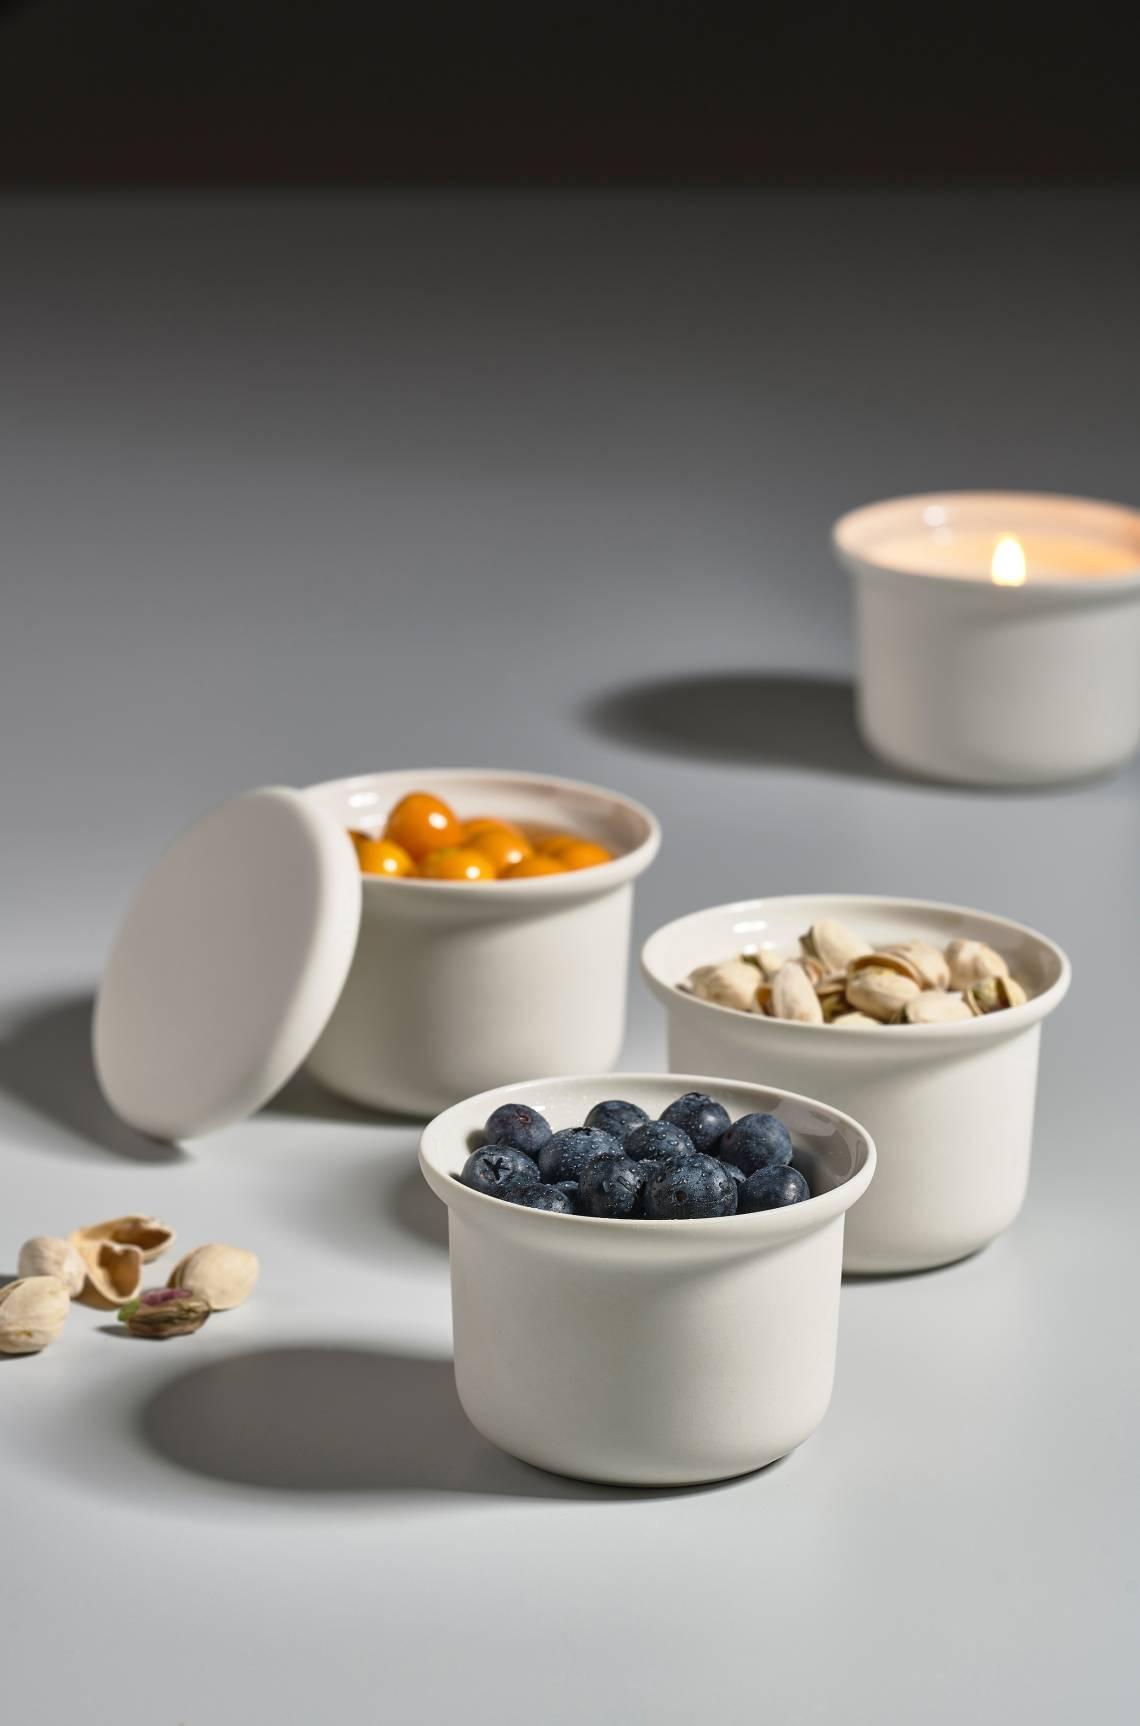 Zone - INU Töpfchen - Snacks und Teelicht